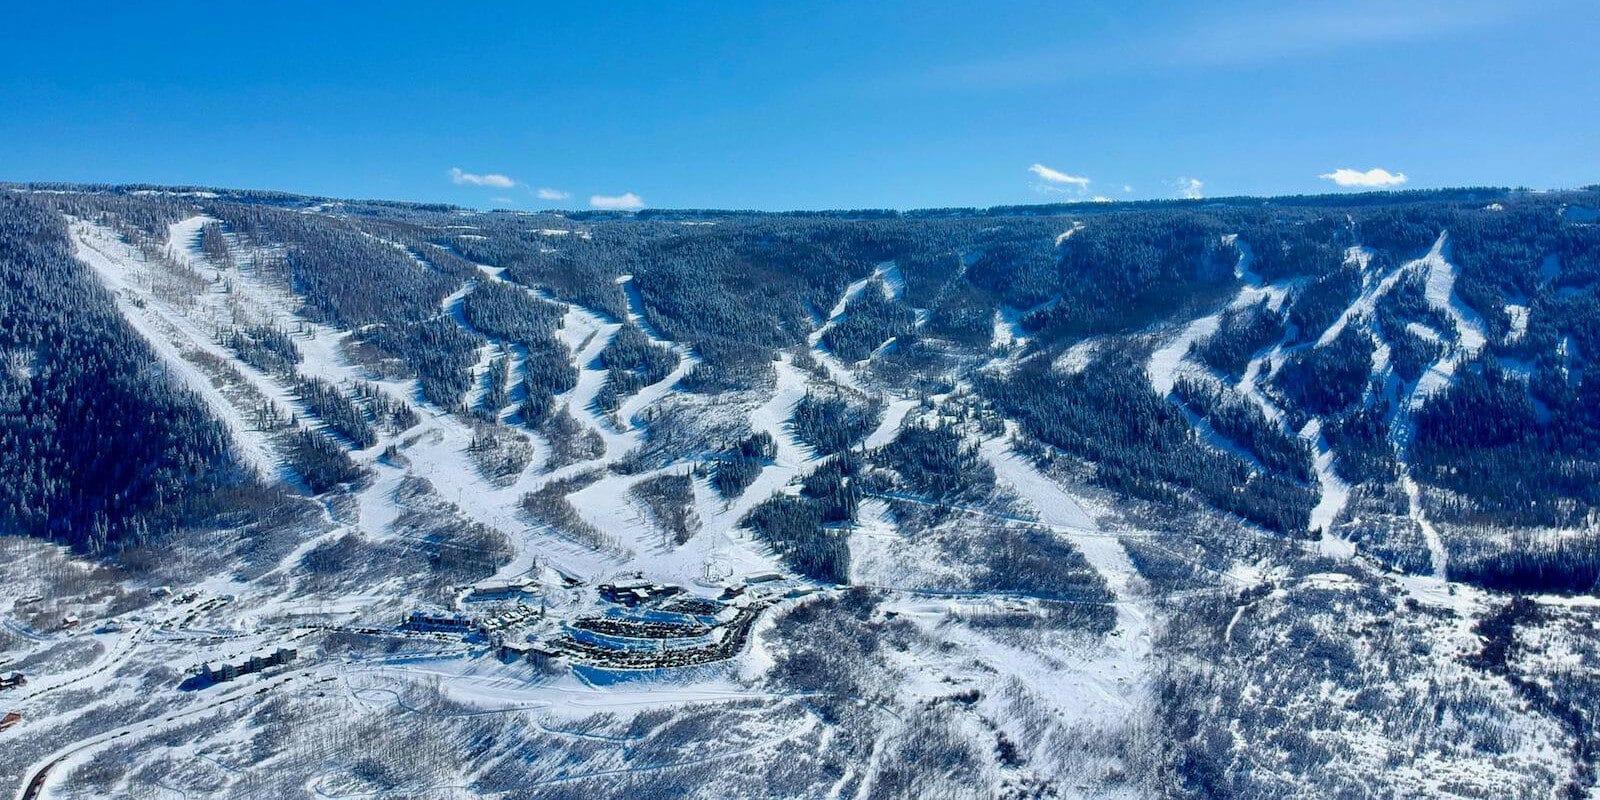 Image of the slopes at Powderhorn Resort